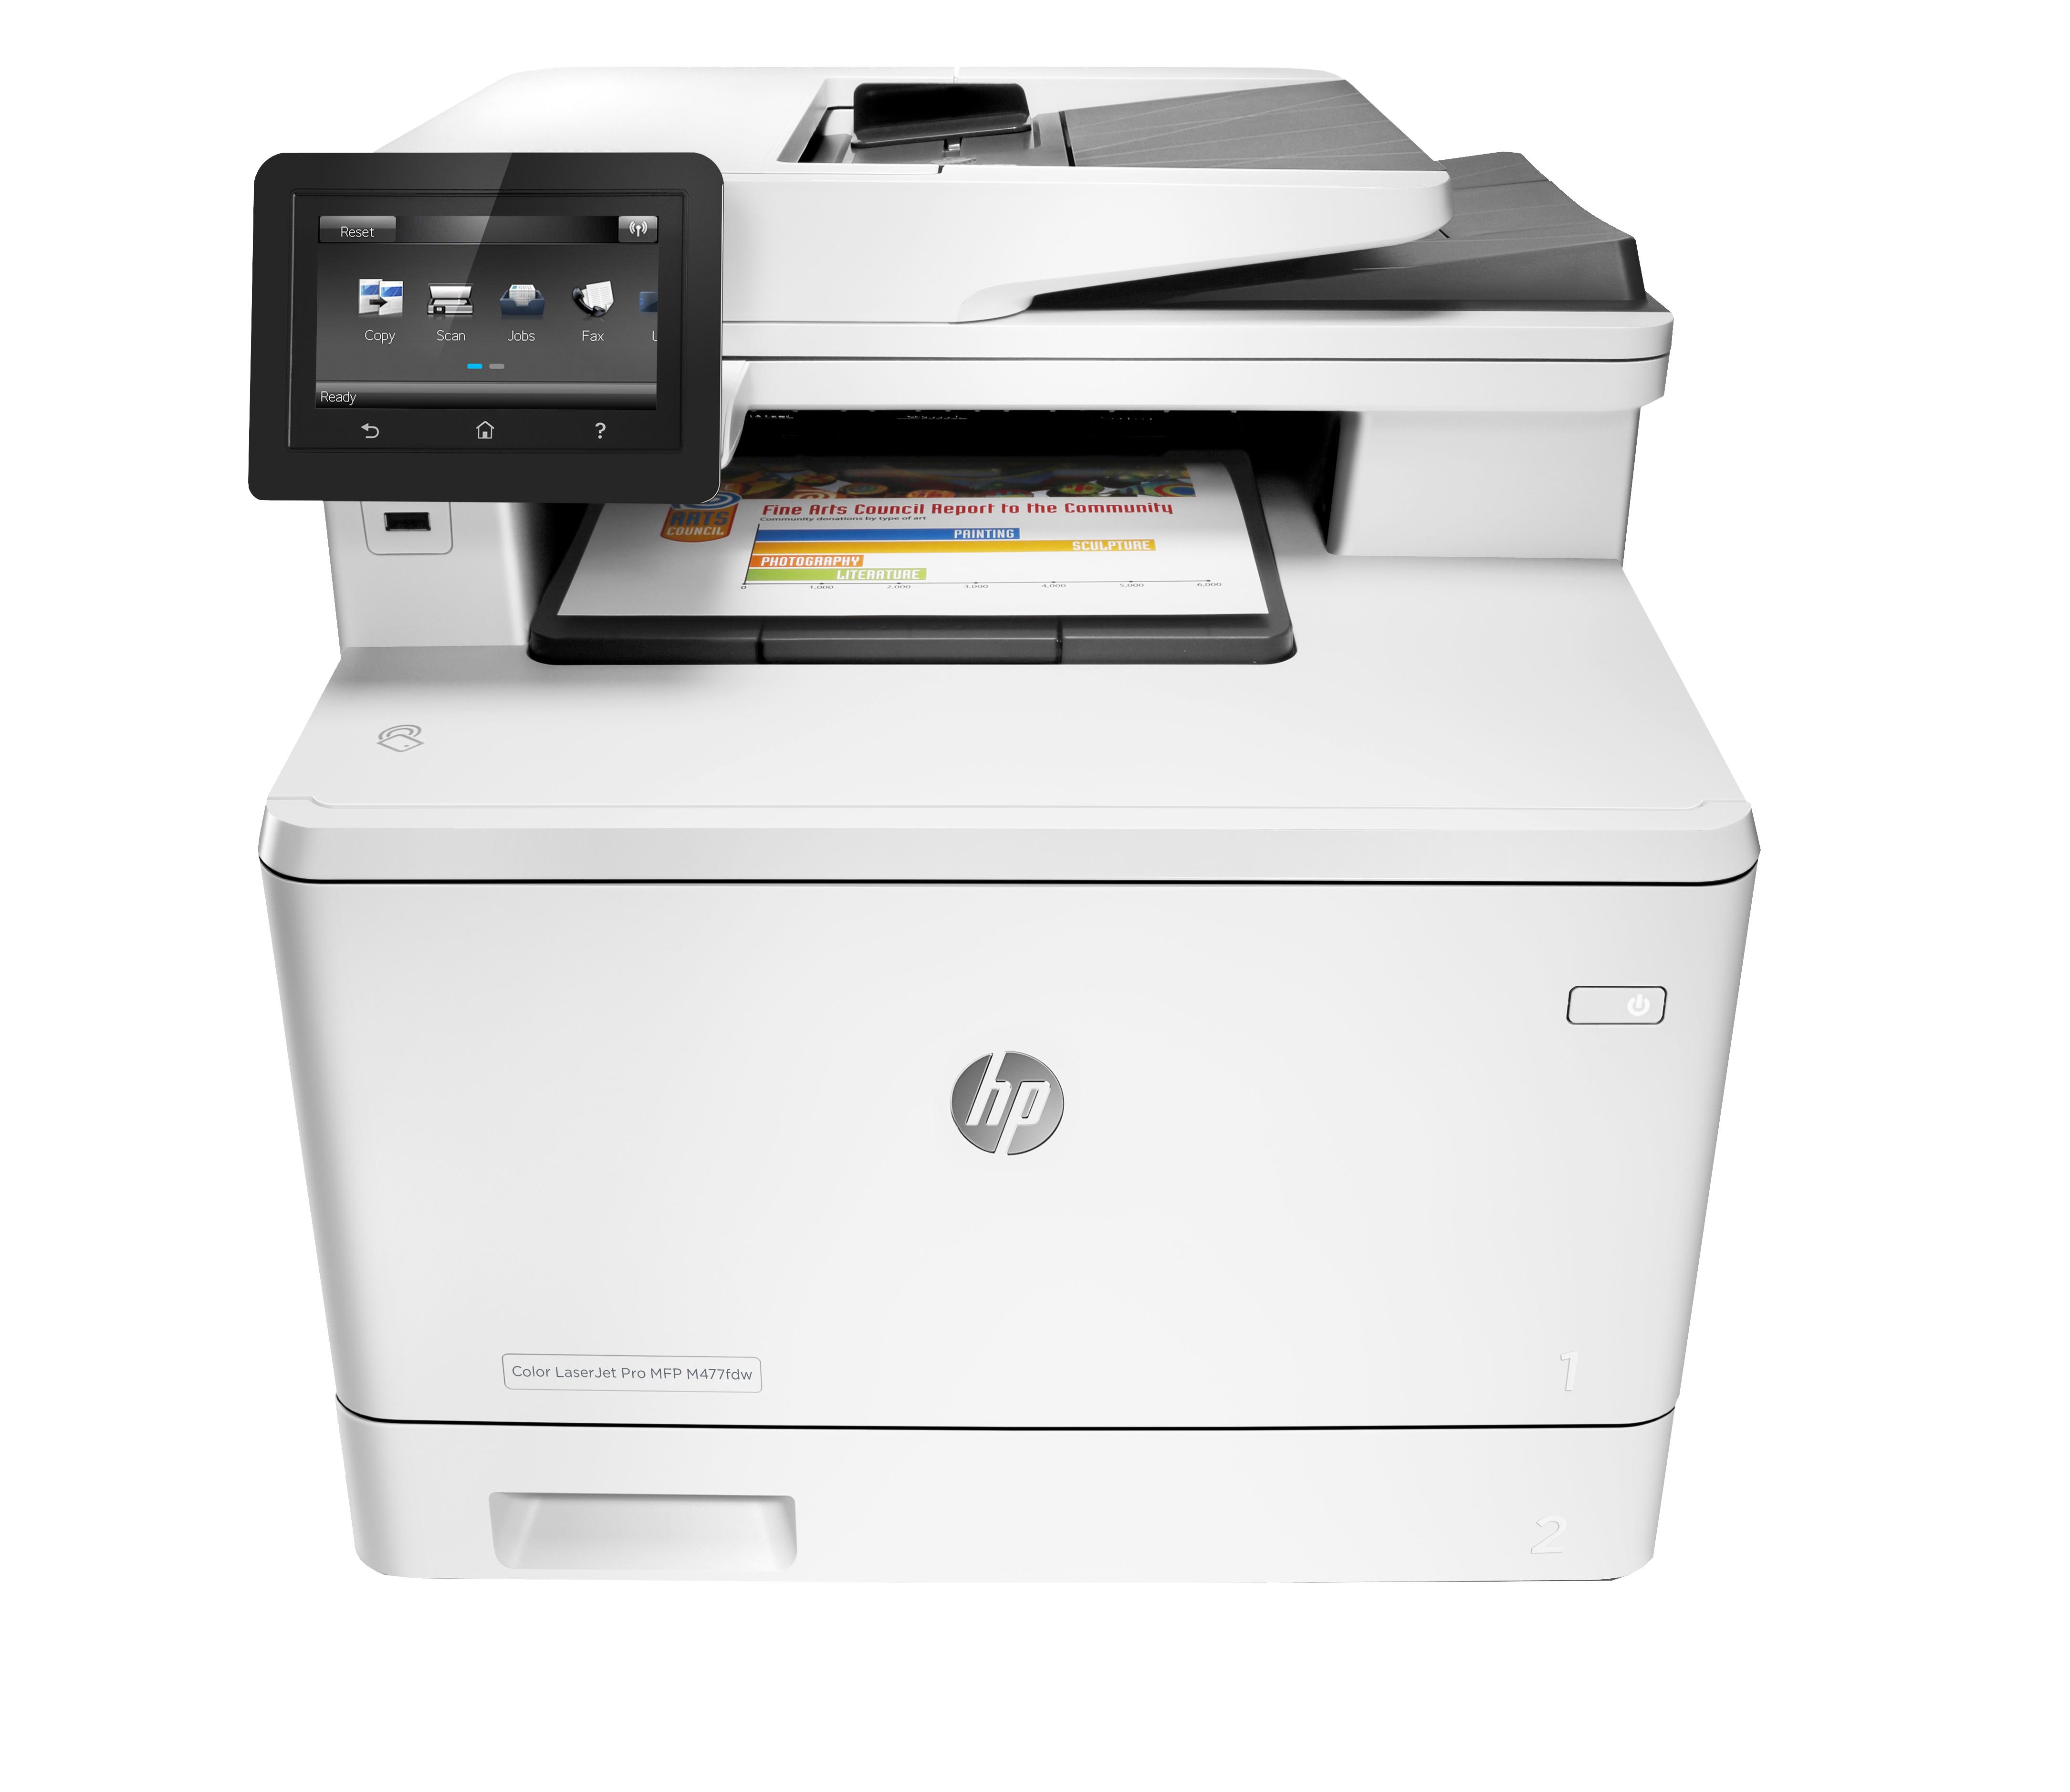 HP LaserJet Pro MFP M477fdn Laser A4 Grey